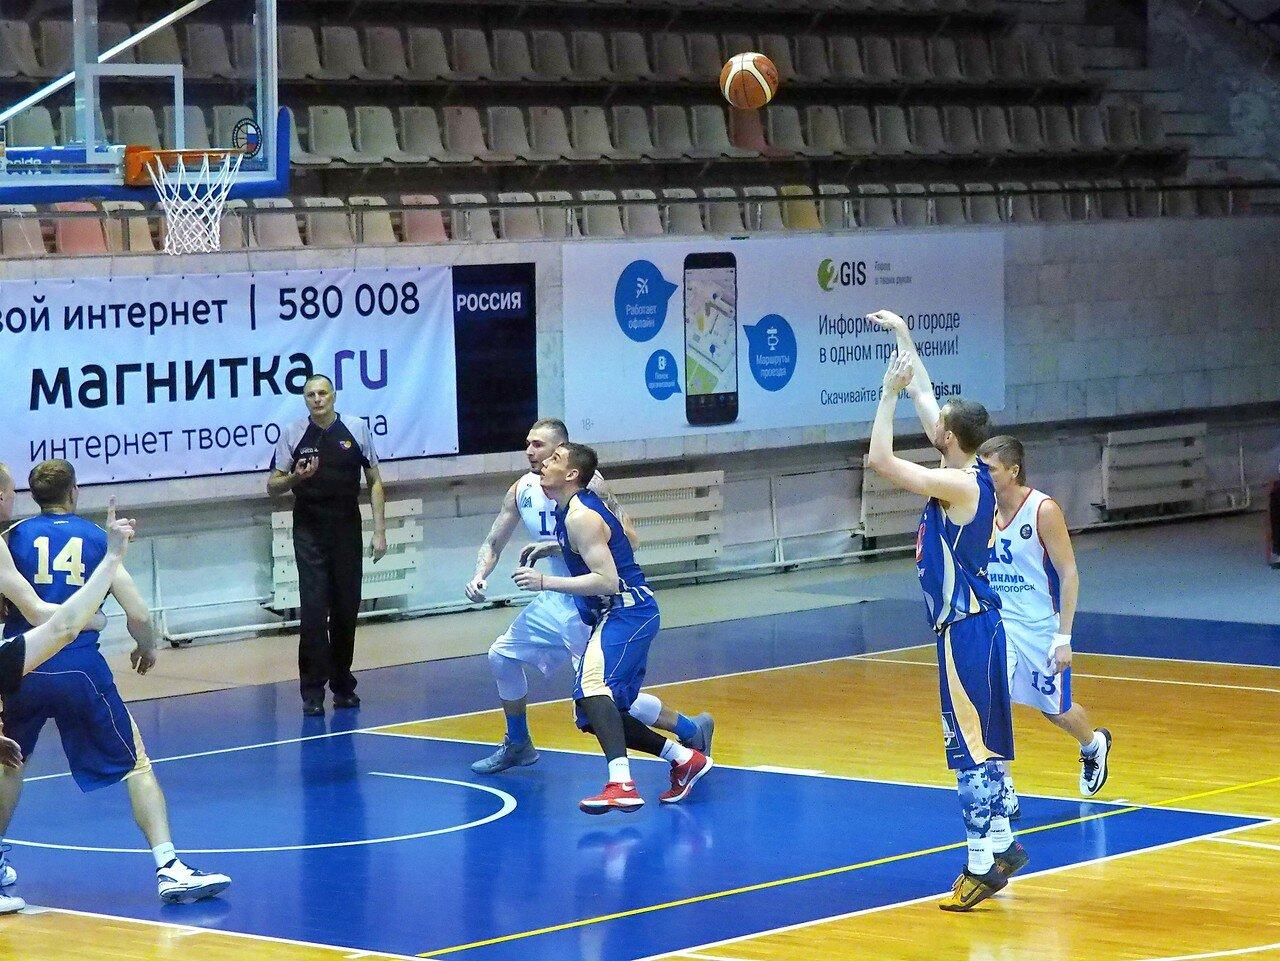 16 Динамо - Тобол 27.05.2017